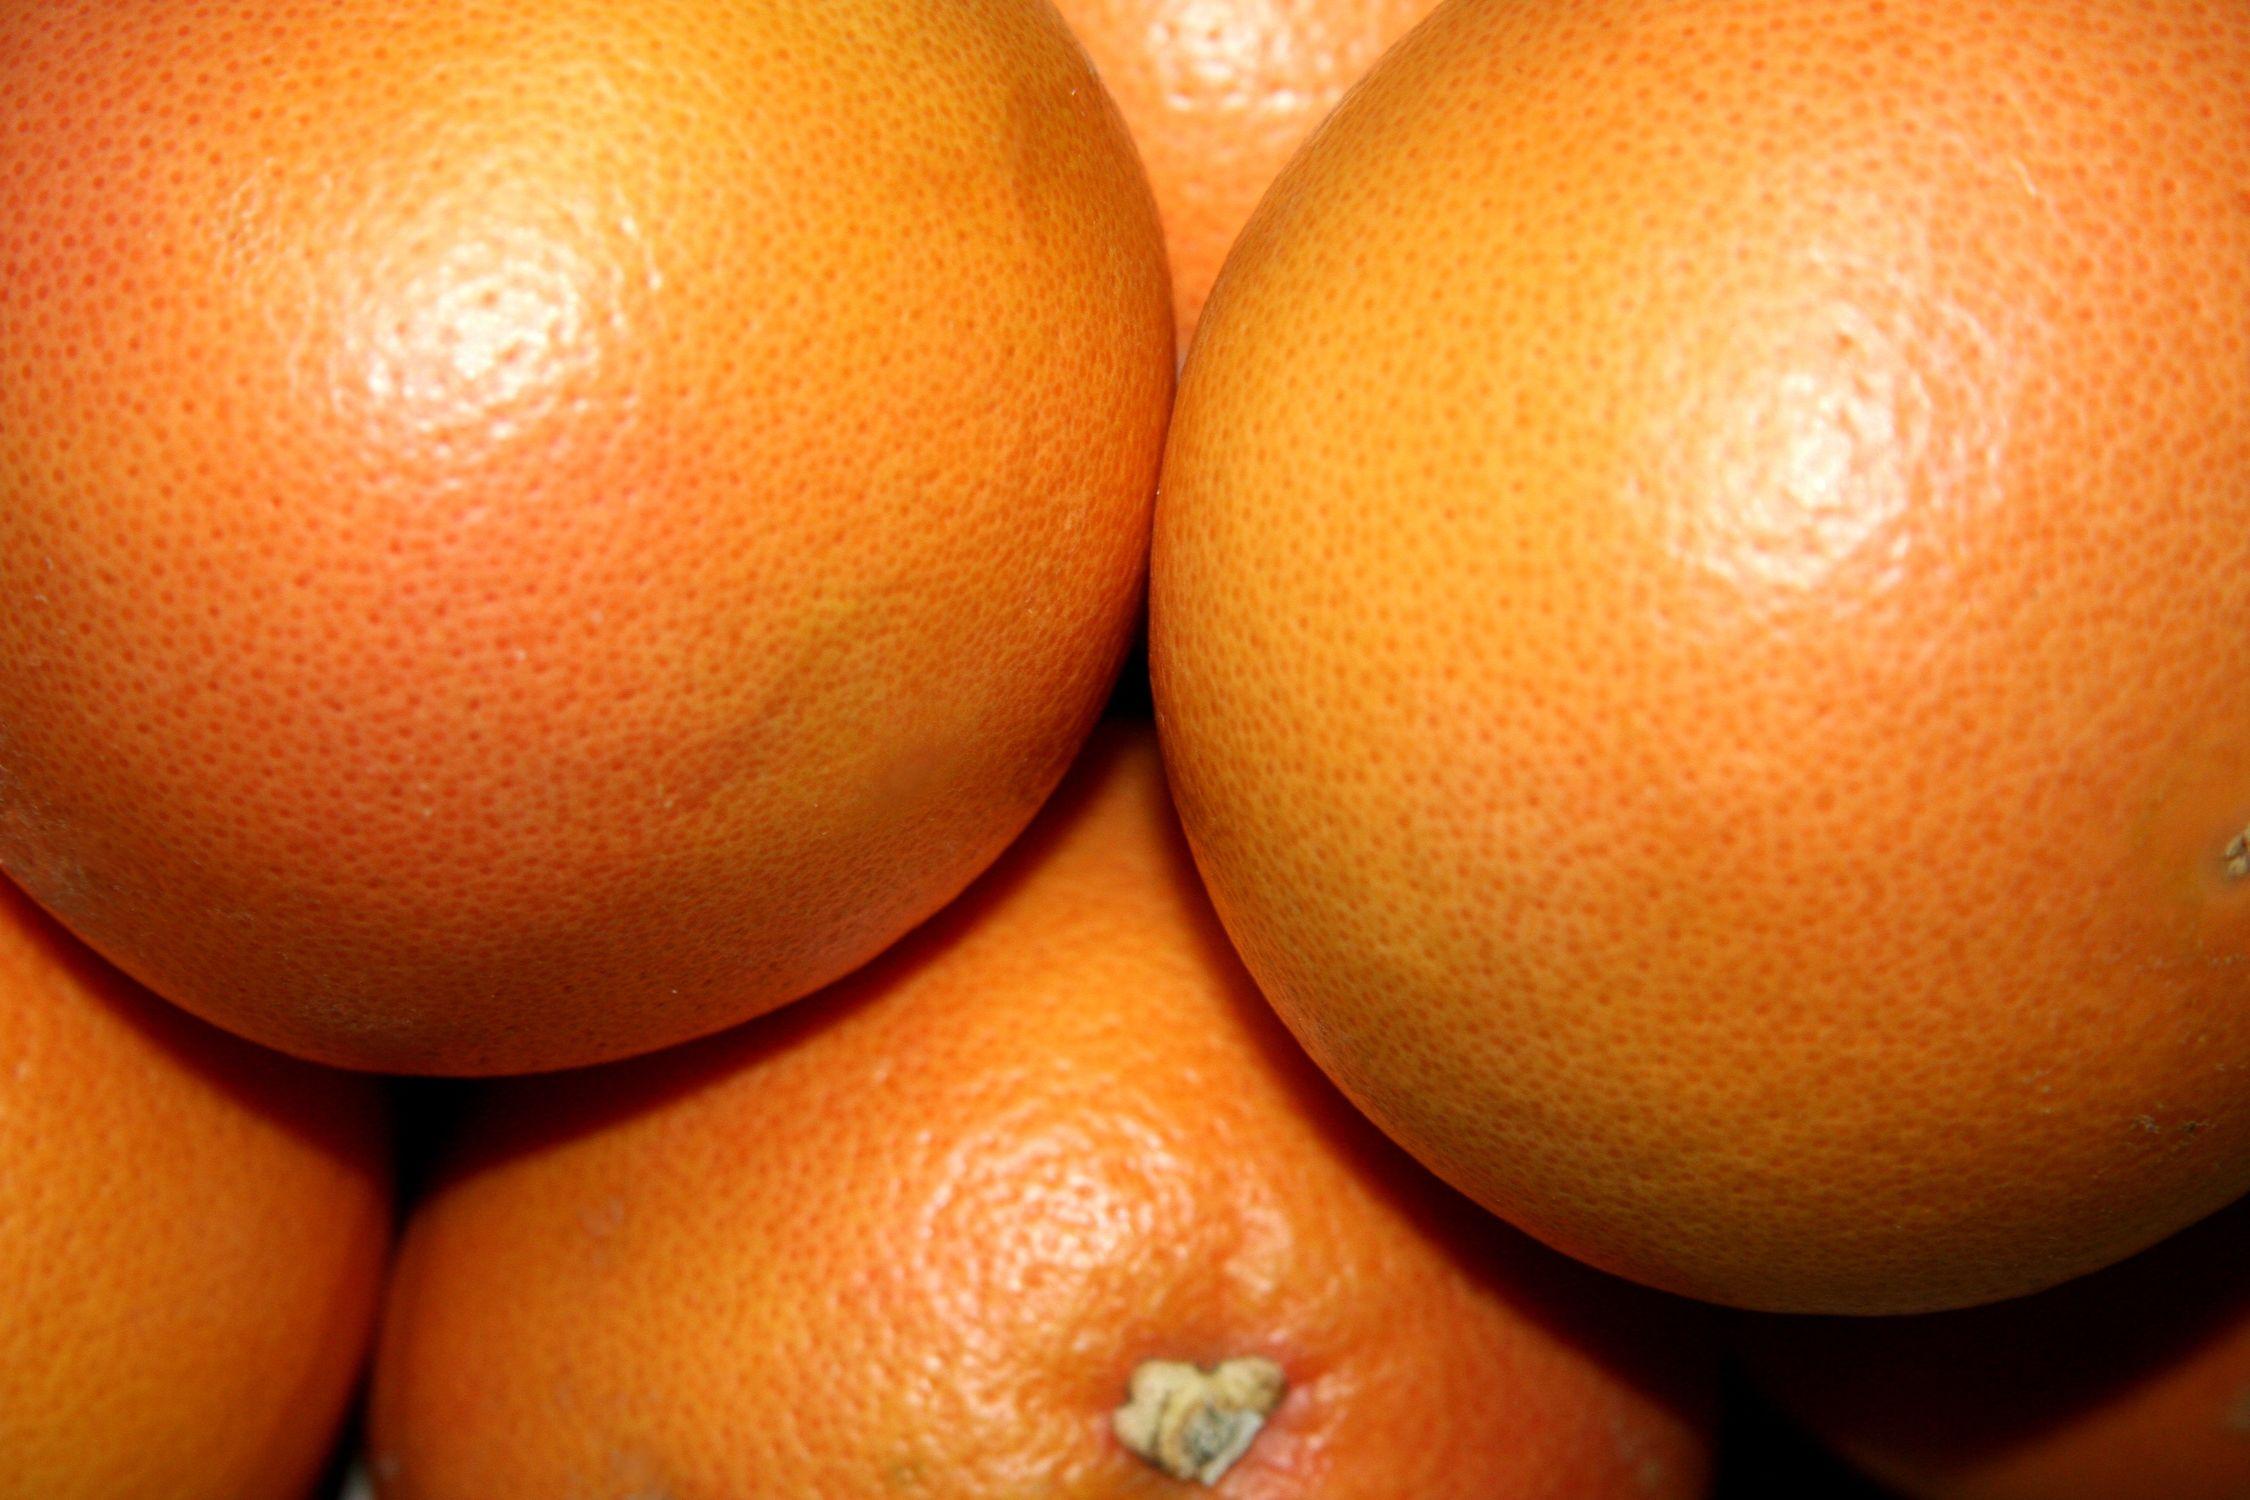 Bild mit Früchte, Lebensmittel, Essen, Zitrusfrüchte, Orangen, Grapefruits, Mandarinen, Küchenbild